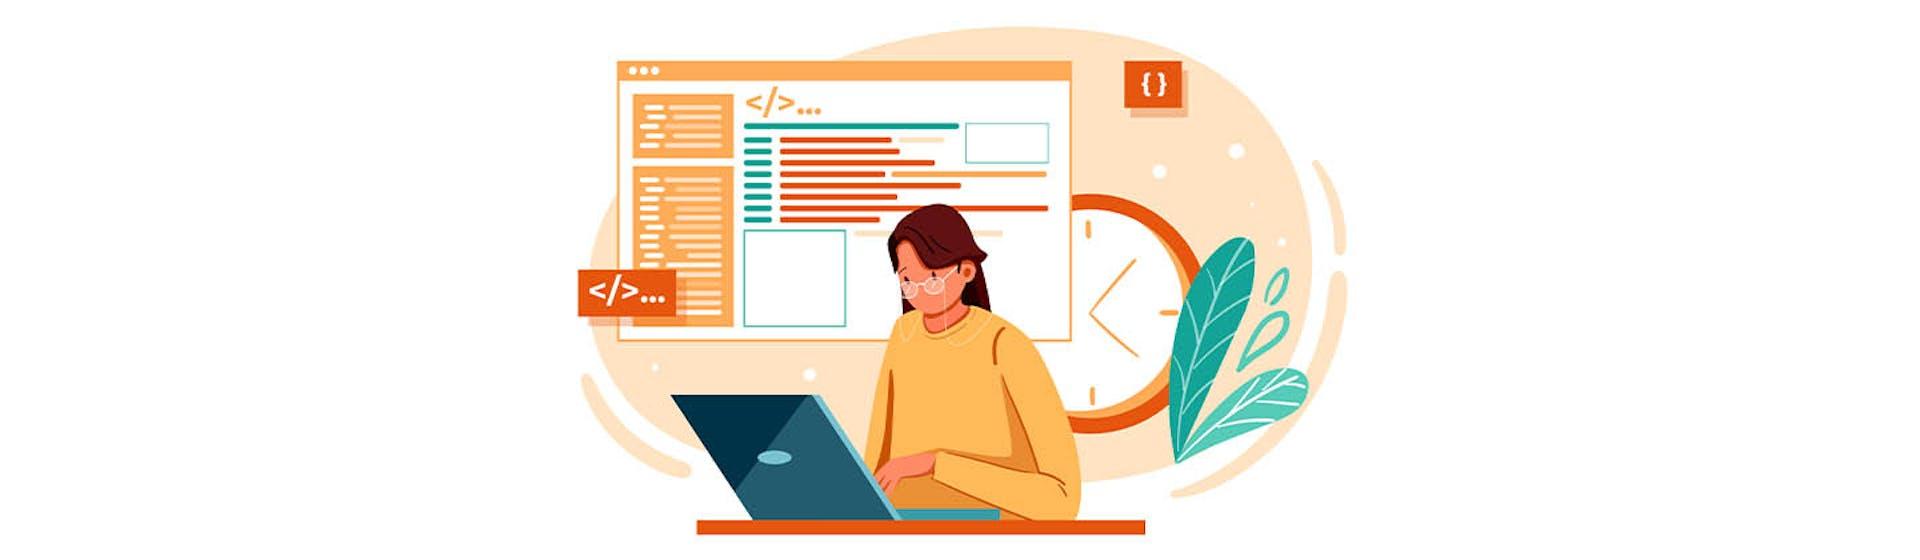 Incursiona sobre My SQL, ventajas y desventajas que debes tener en cuenta al momento de elegirlo